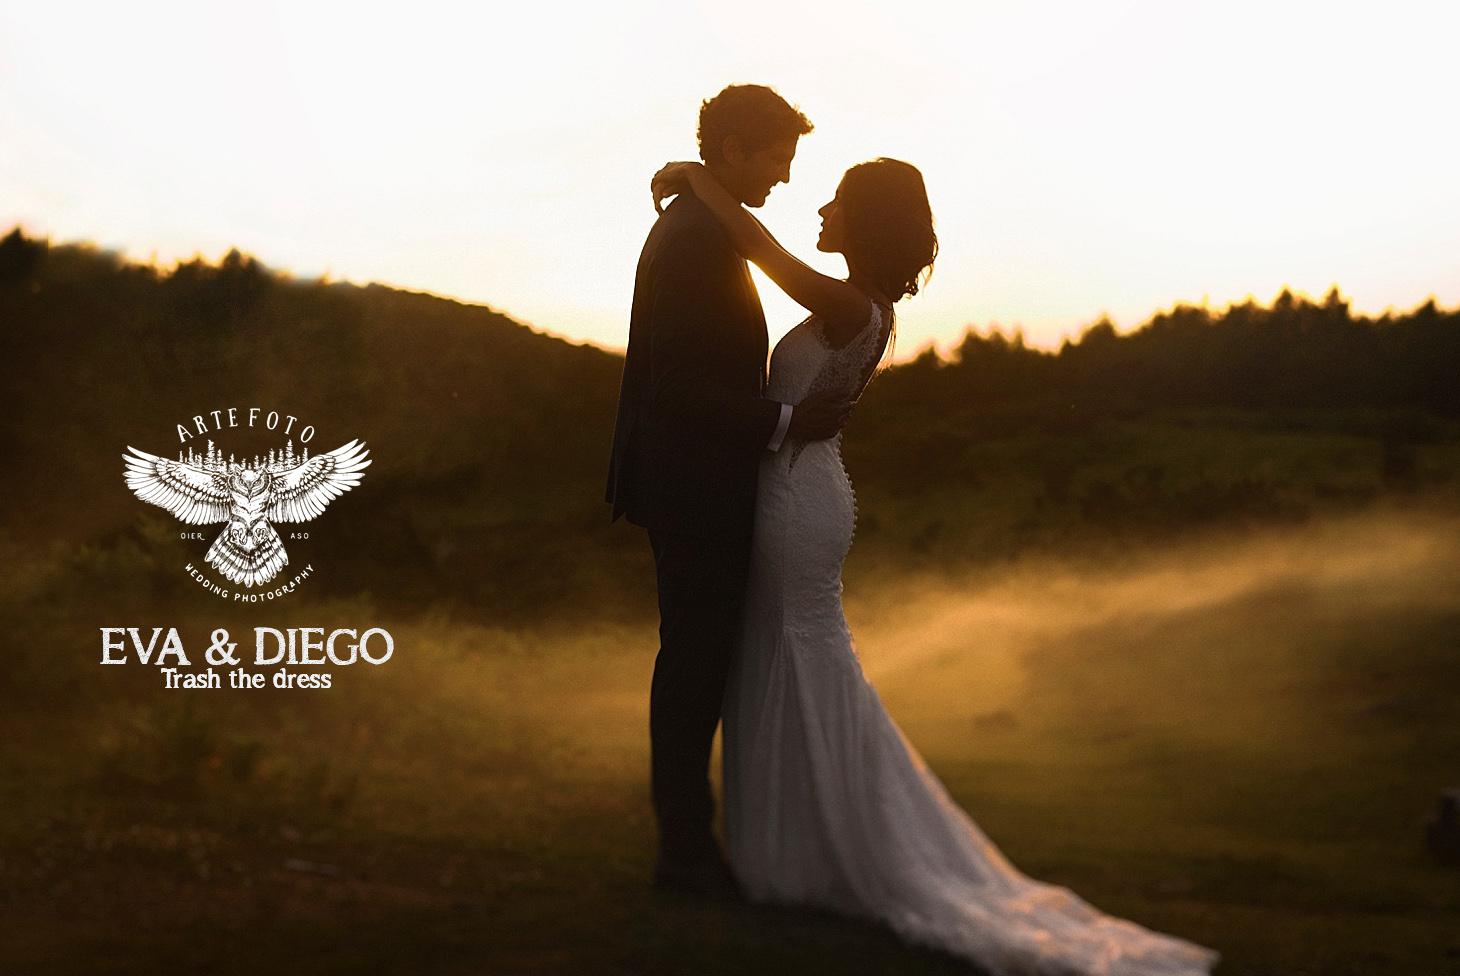 Destination wedding photographer San Sebastian - Destination wedding Donostia San Sebastián - Fotógrafo de bodas internacional-31